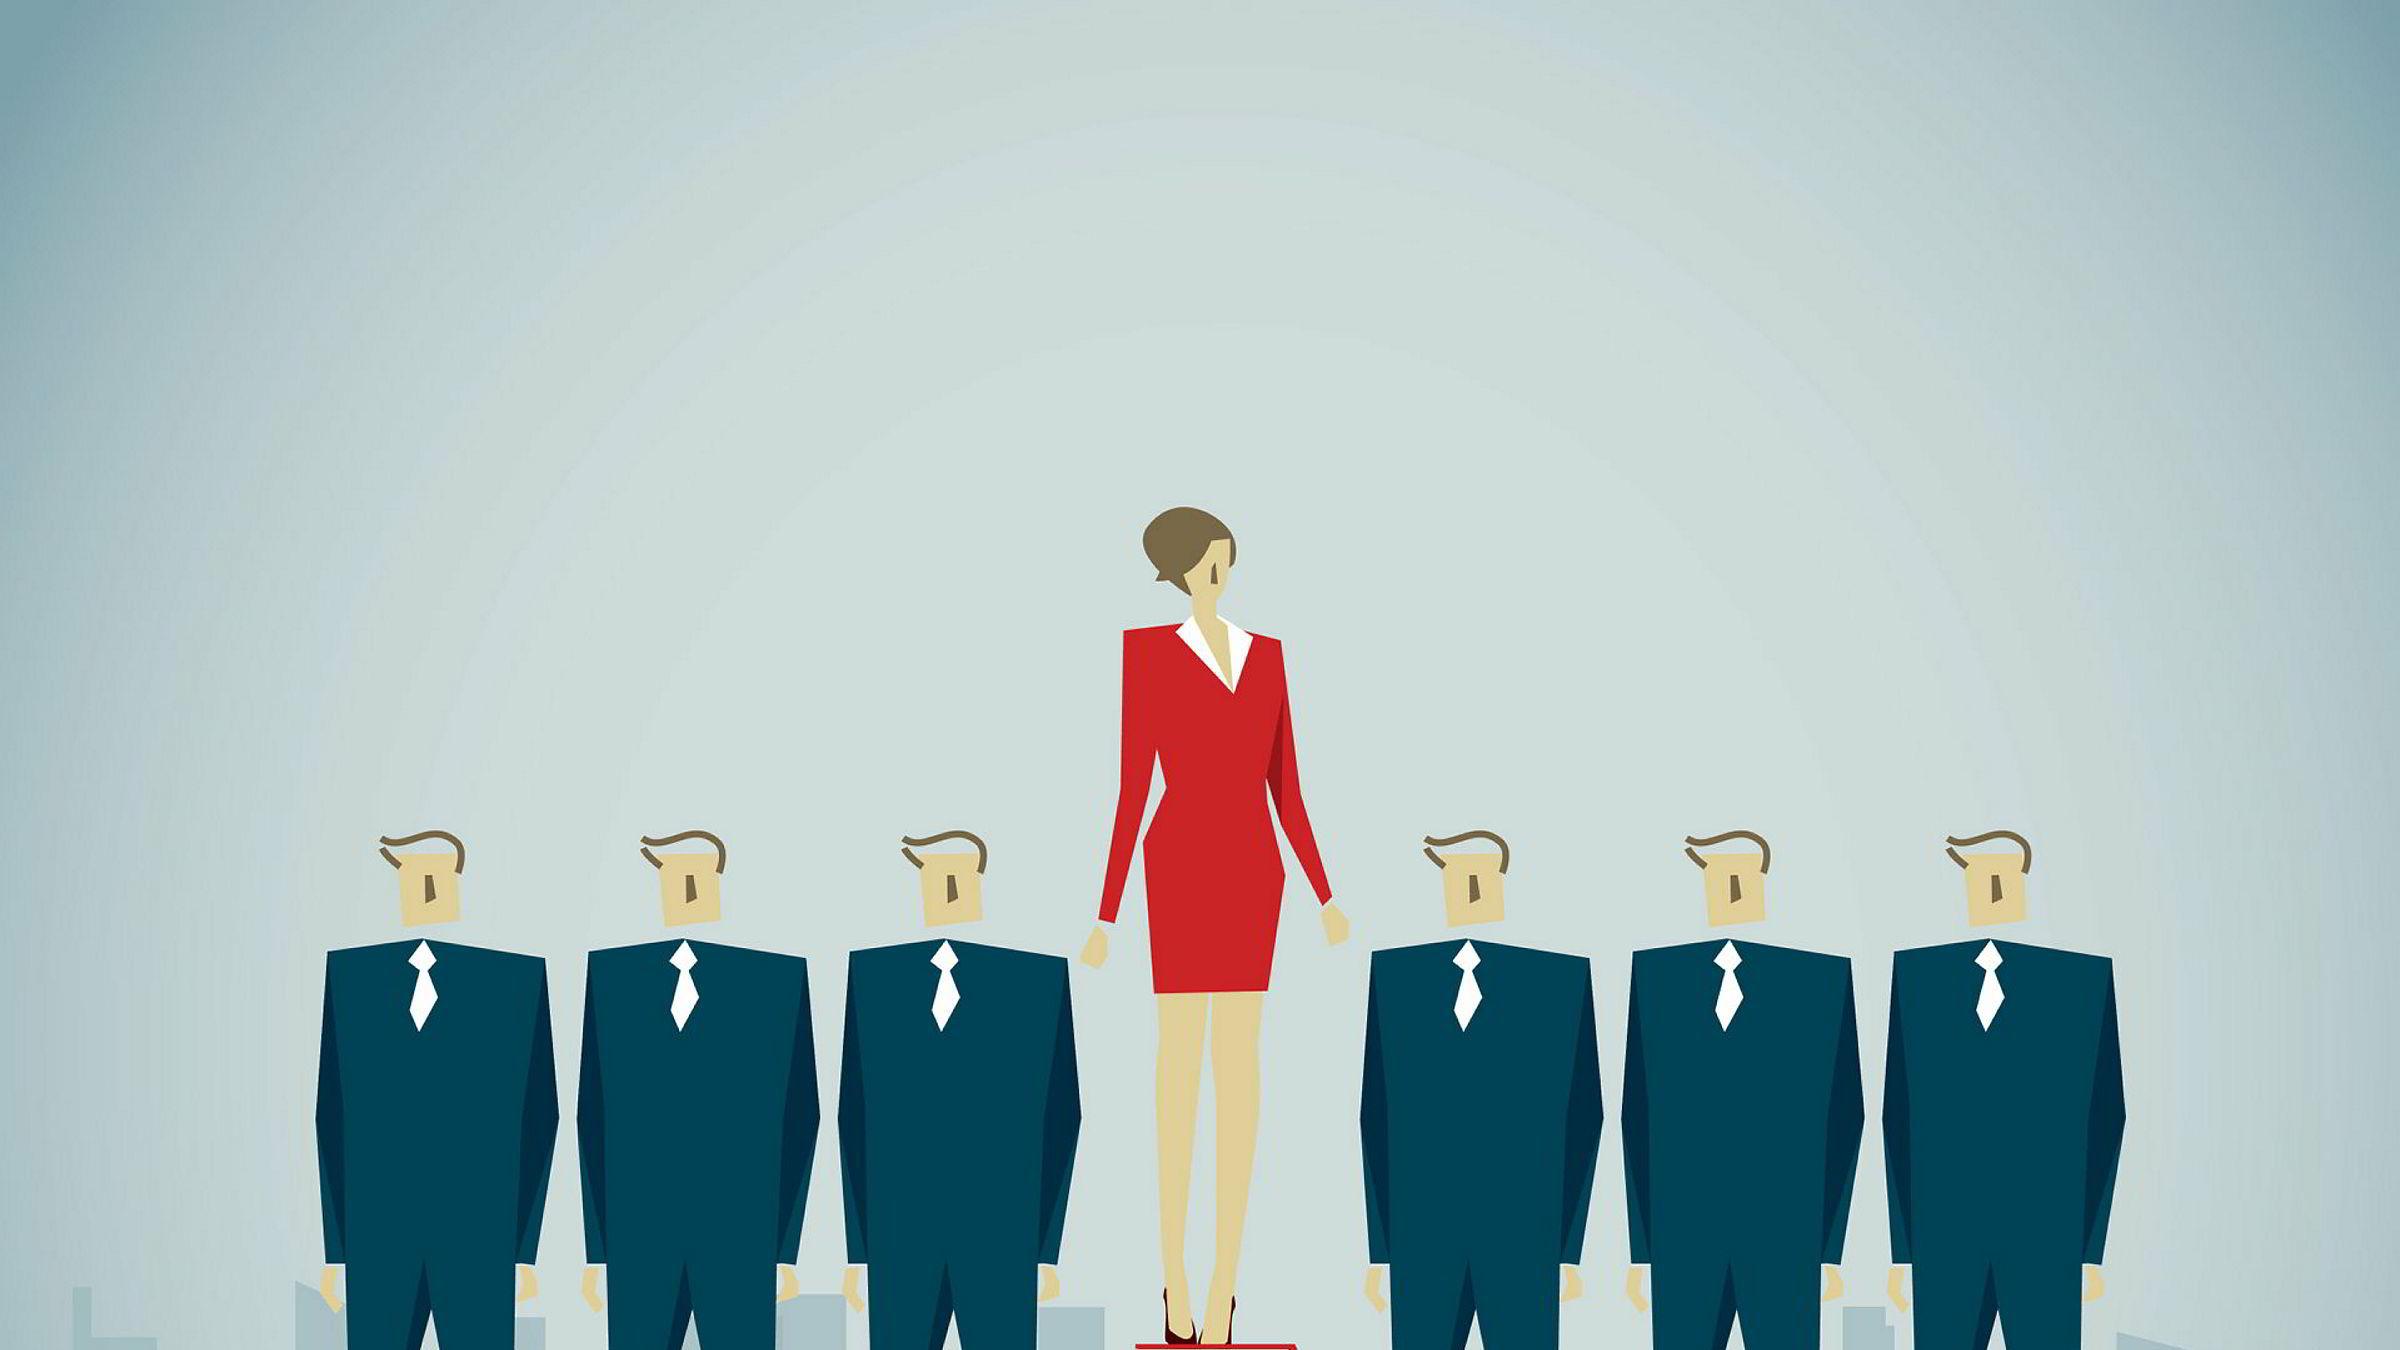 Skal en kvinne oppnå noe må hun ville det, stå på og gjøre en god jobb. Kvinner kan ikke basere seg på at noen andre skal hjelpe dem frem, skriver artikkelforfatteren.